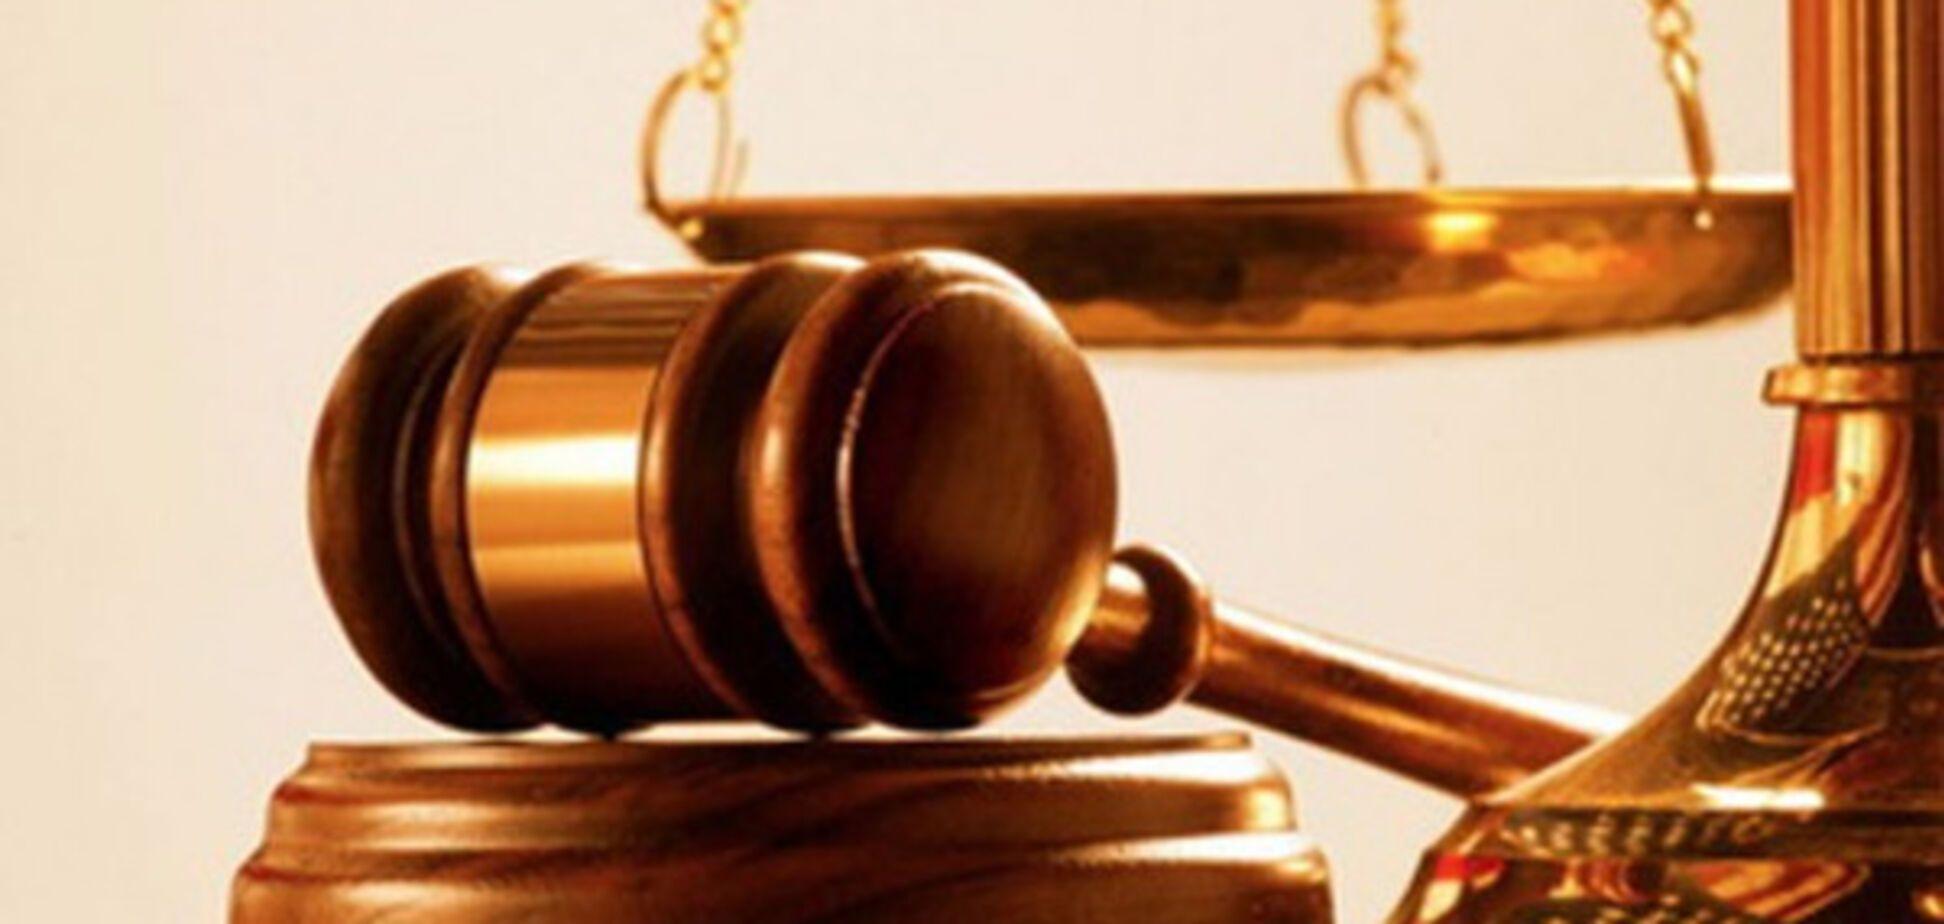 Судный день: предложит ли Пшонка взятку судьям в деле Бабушкина?